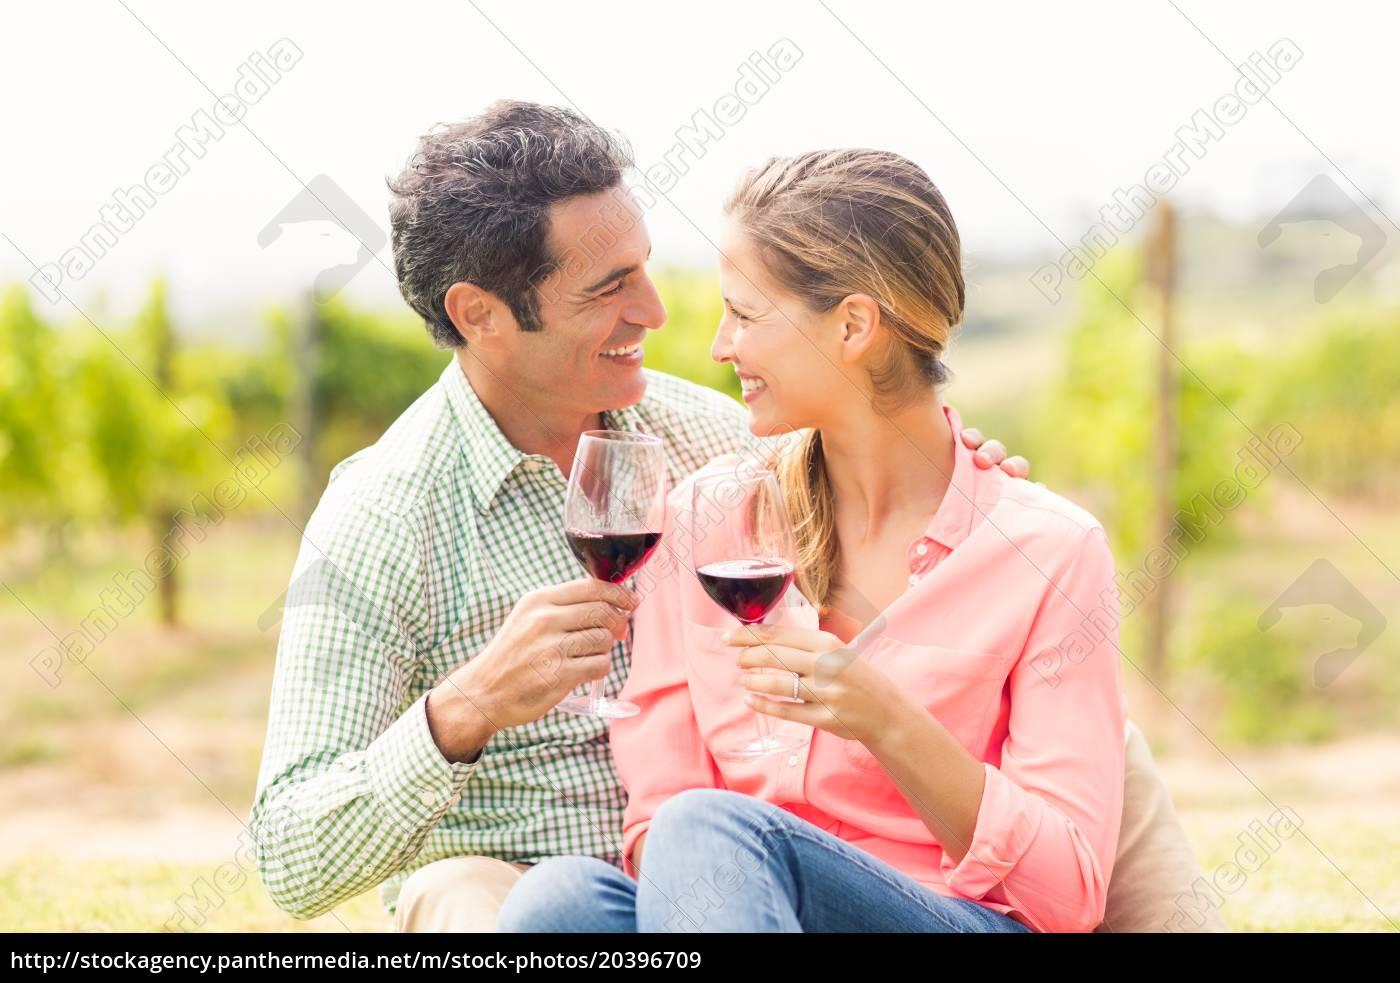 hengivenhed for dating par oversigt